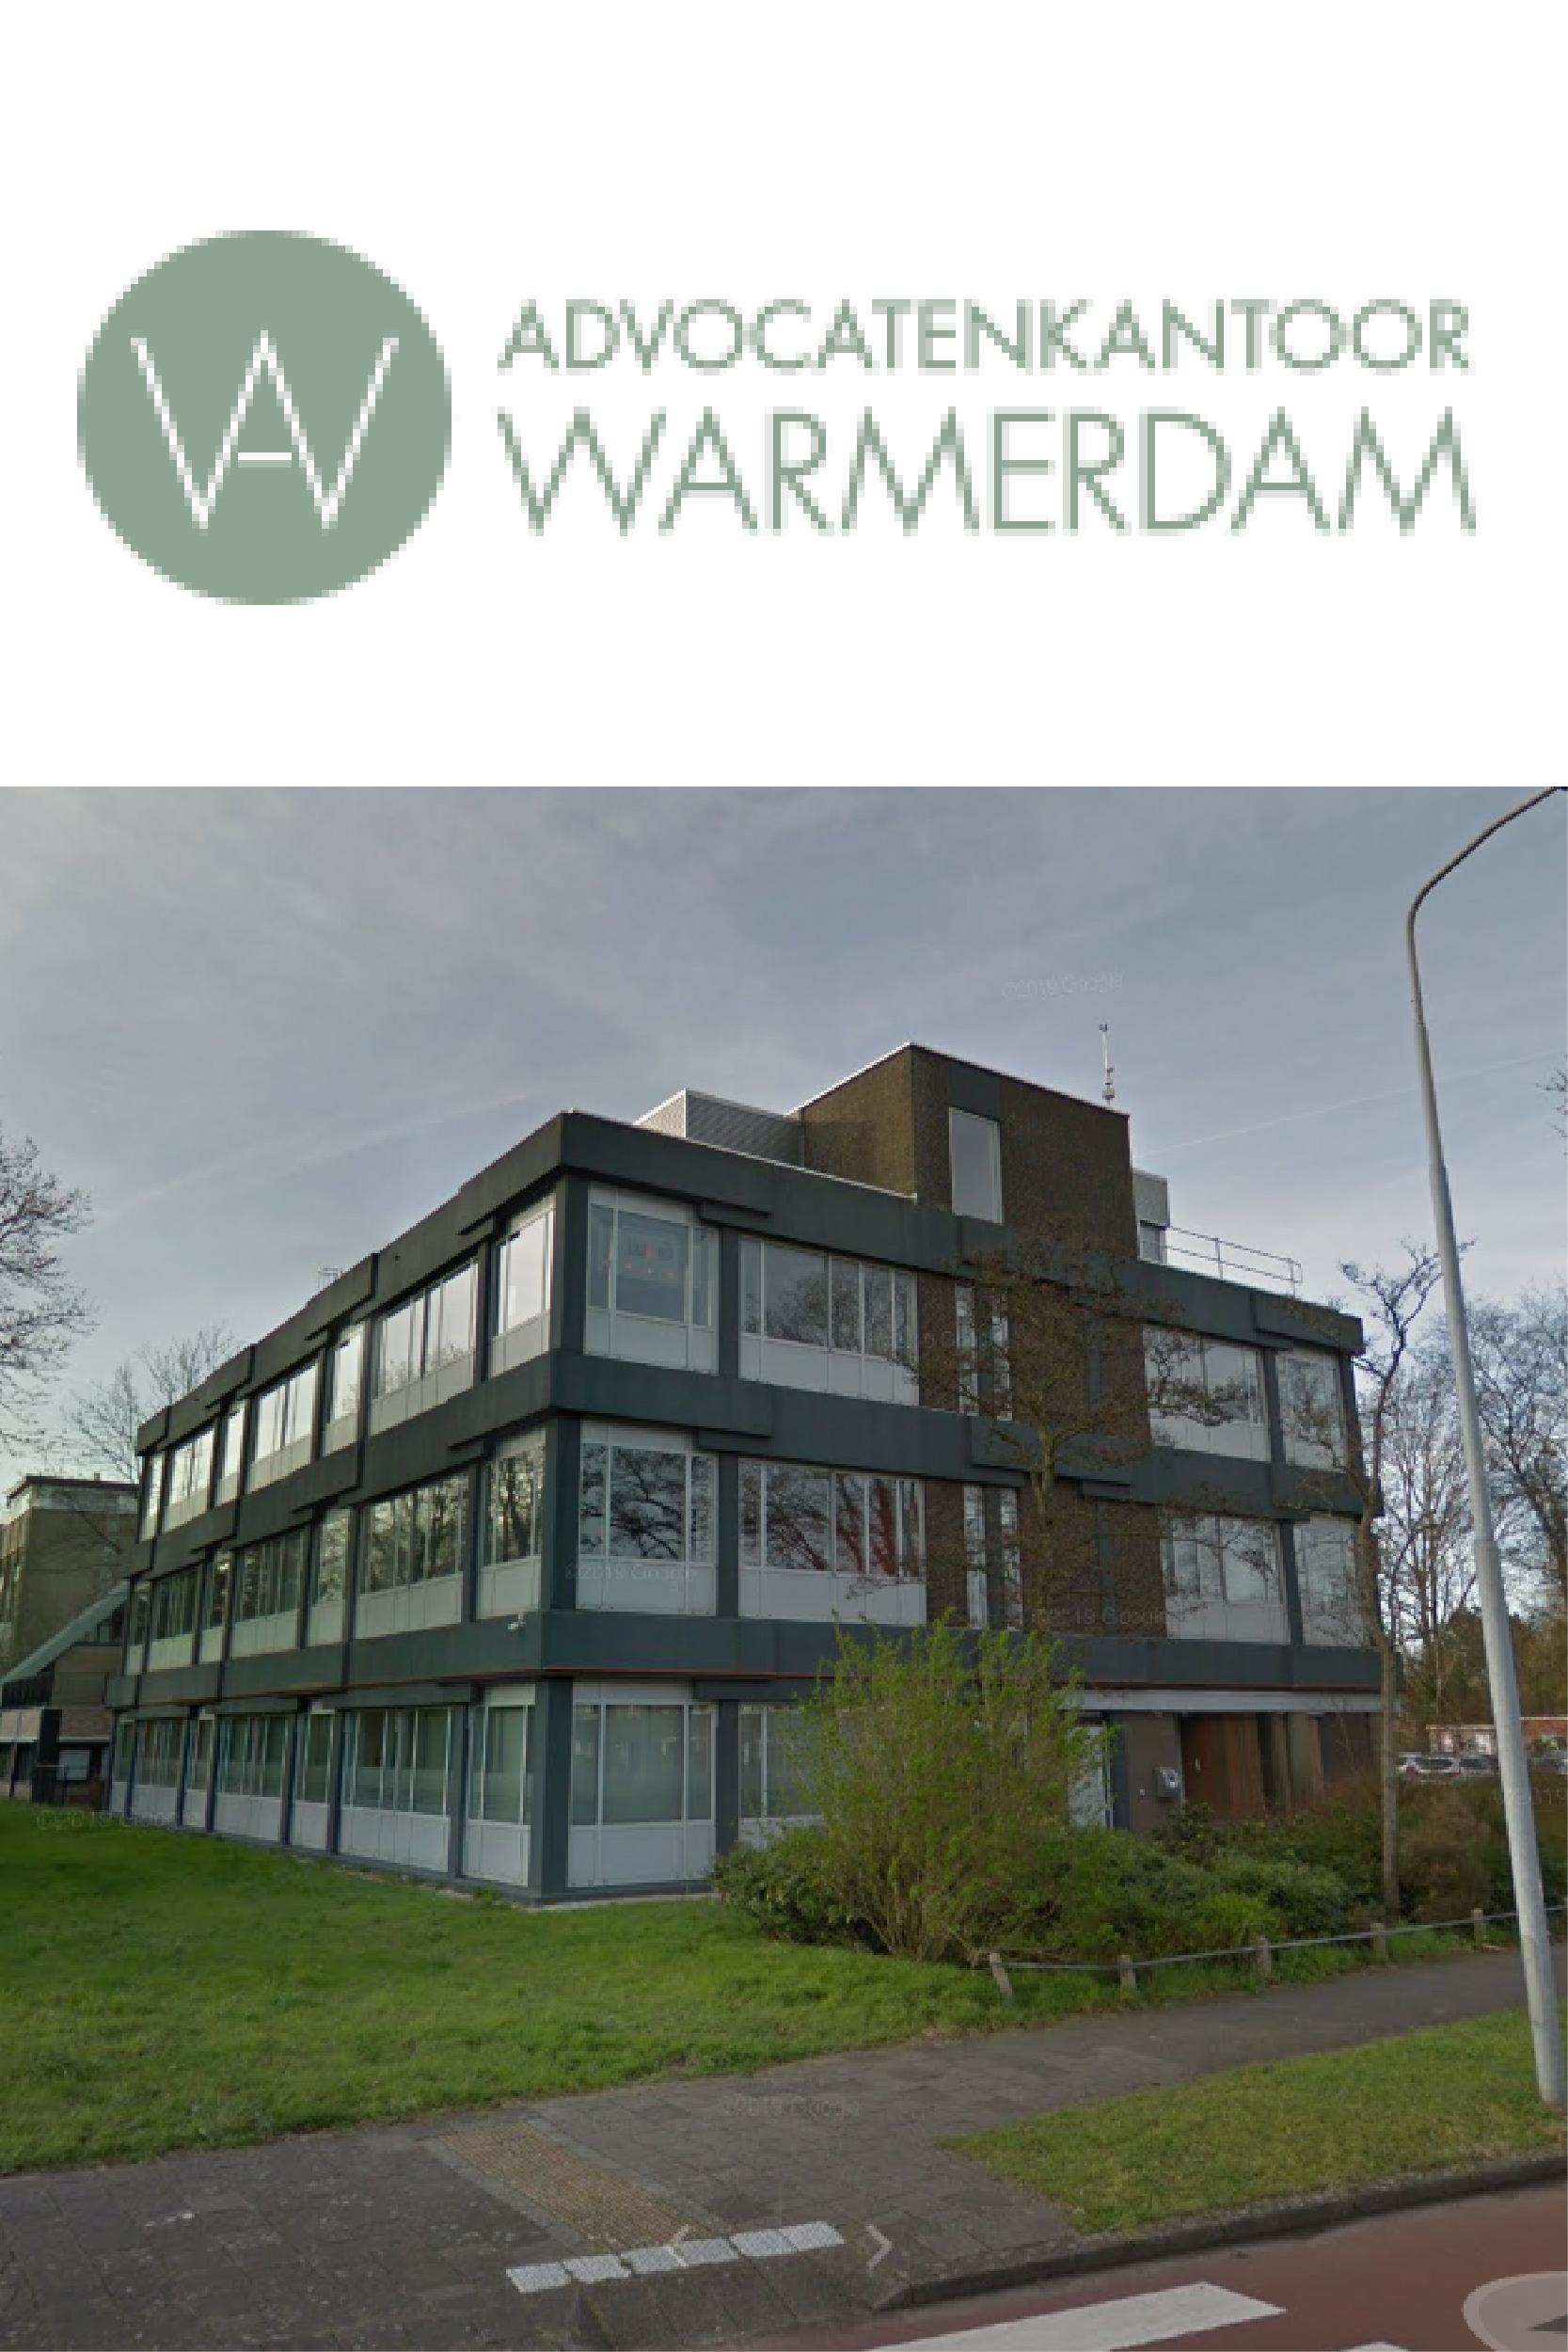 Advocatenkantoor Warmerdam